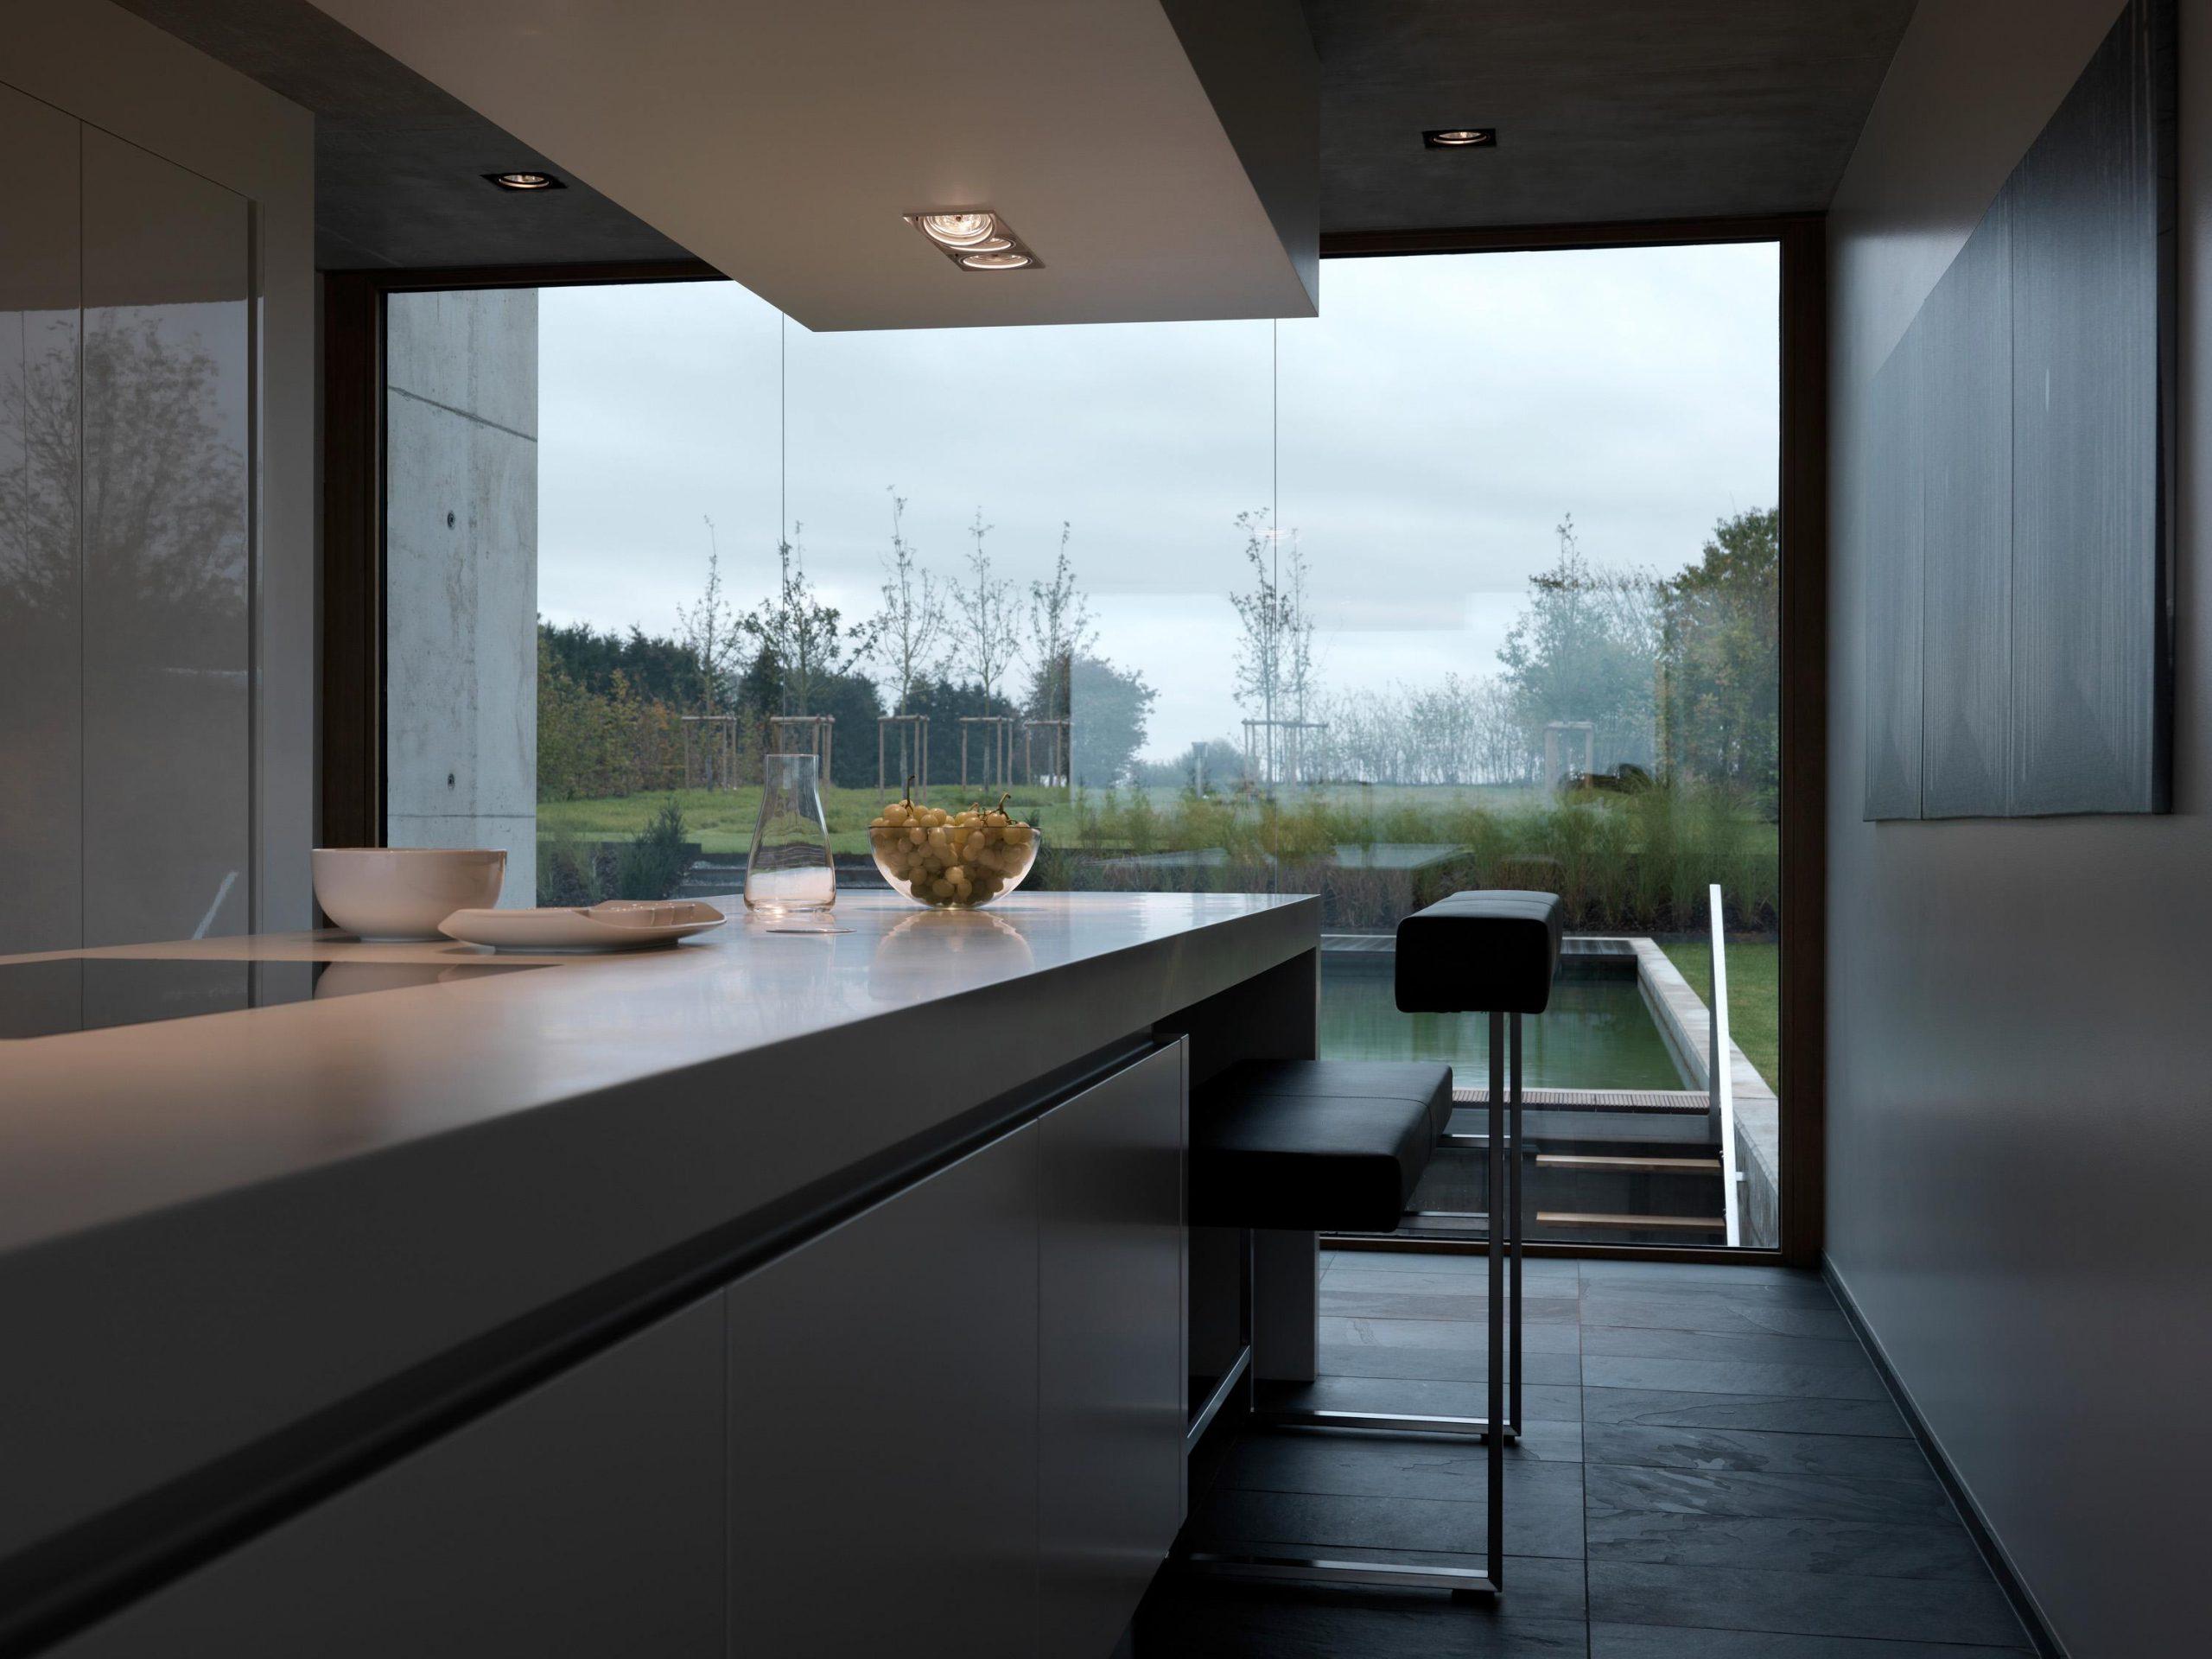 Full Size of Glaswand Küche Preis Glaswand Küche Reinigen Glaswand Küche Spritzschutz Glaswand Küche Wohnzimmer Küche Glaswand Küche